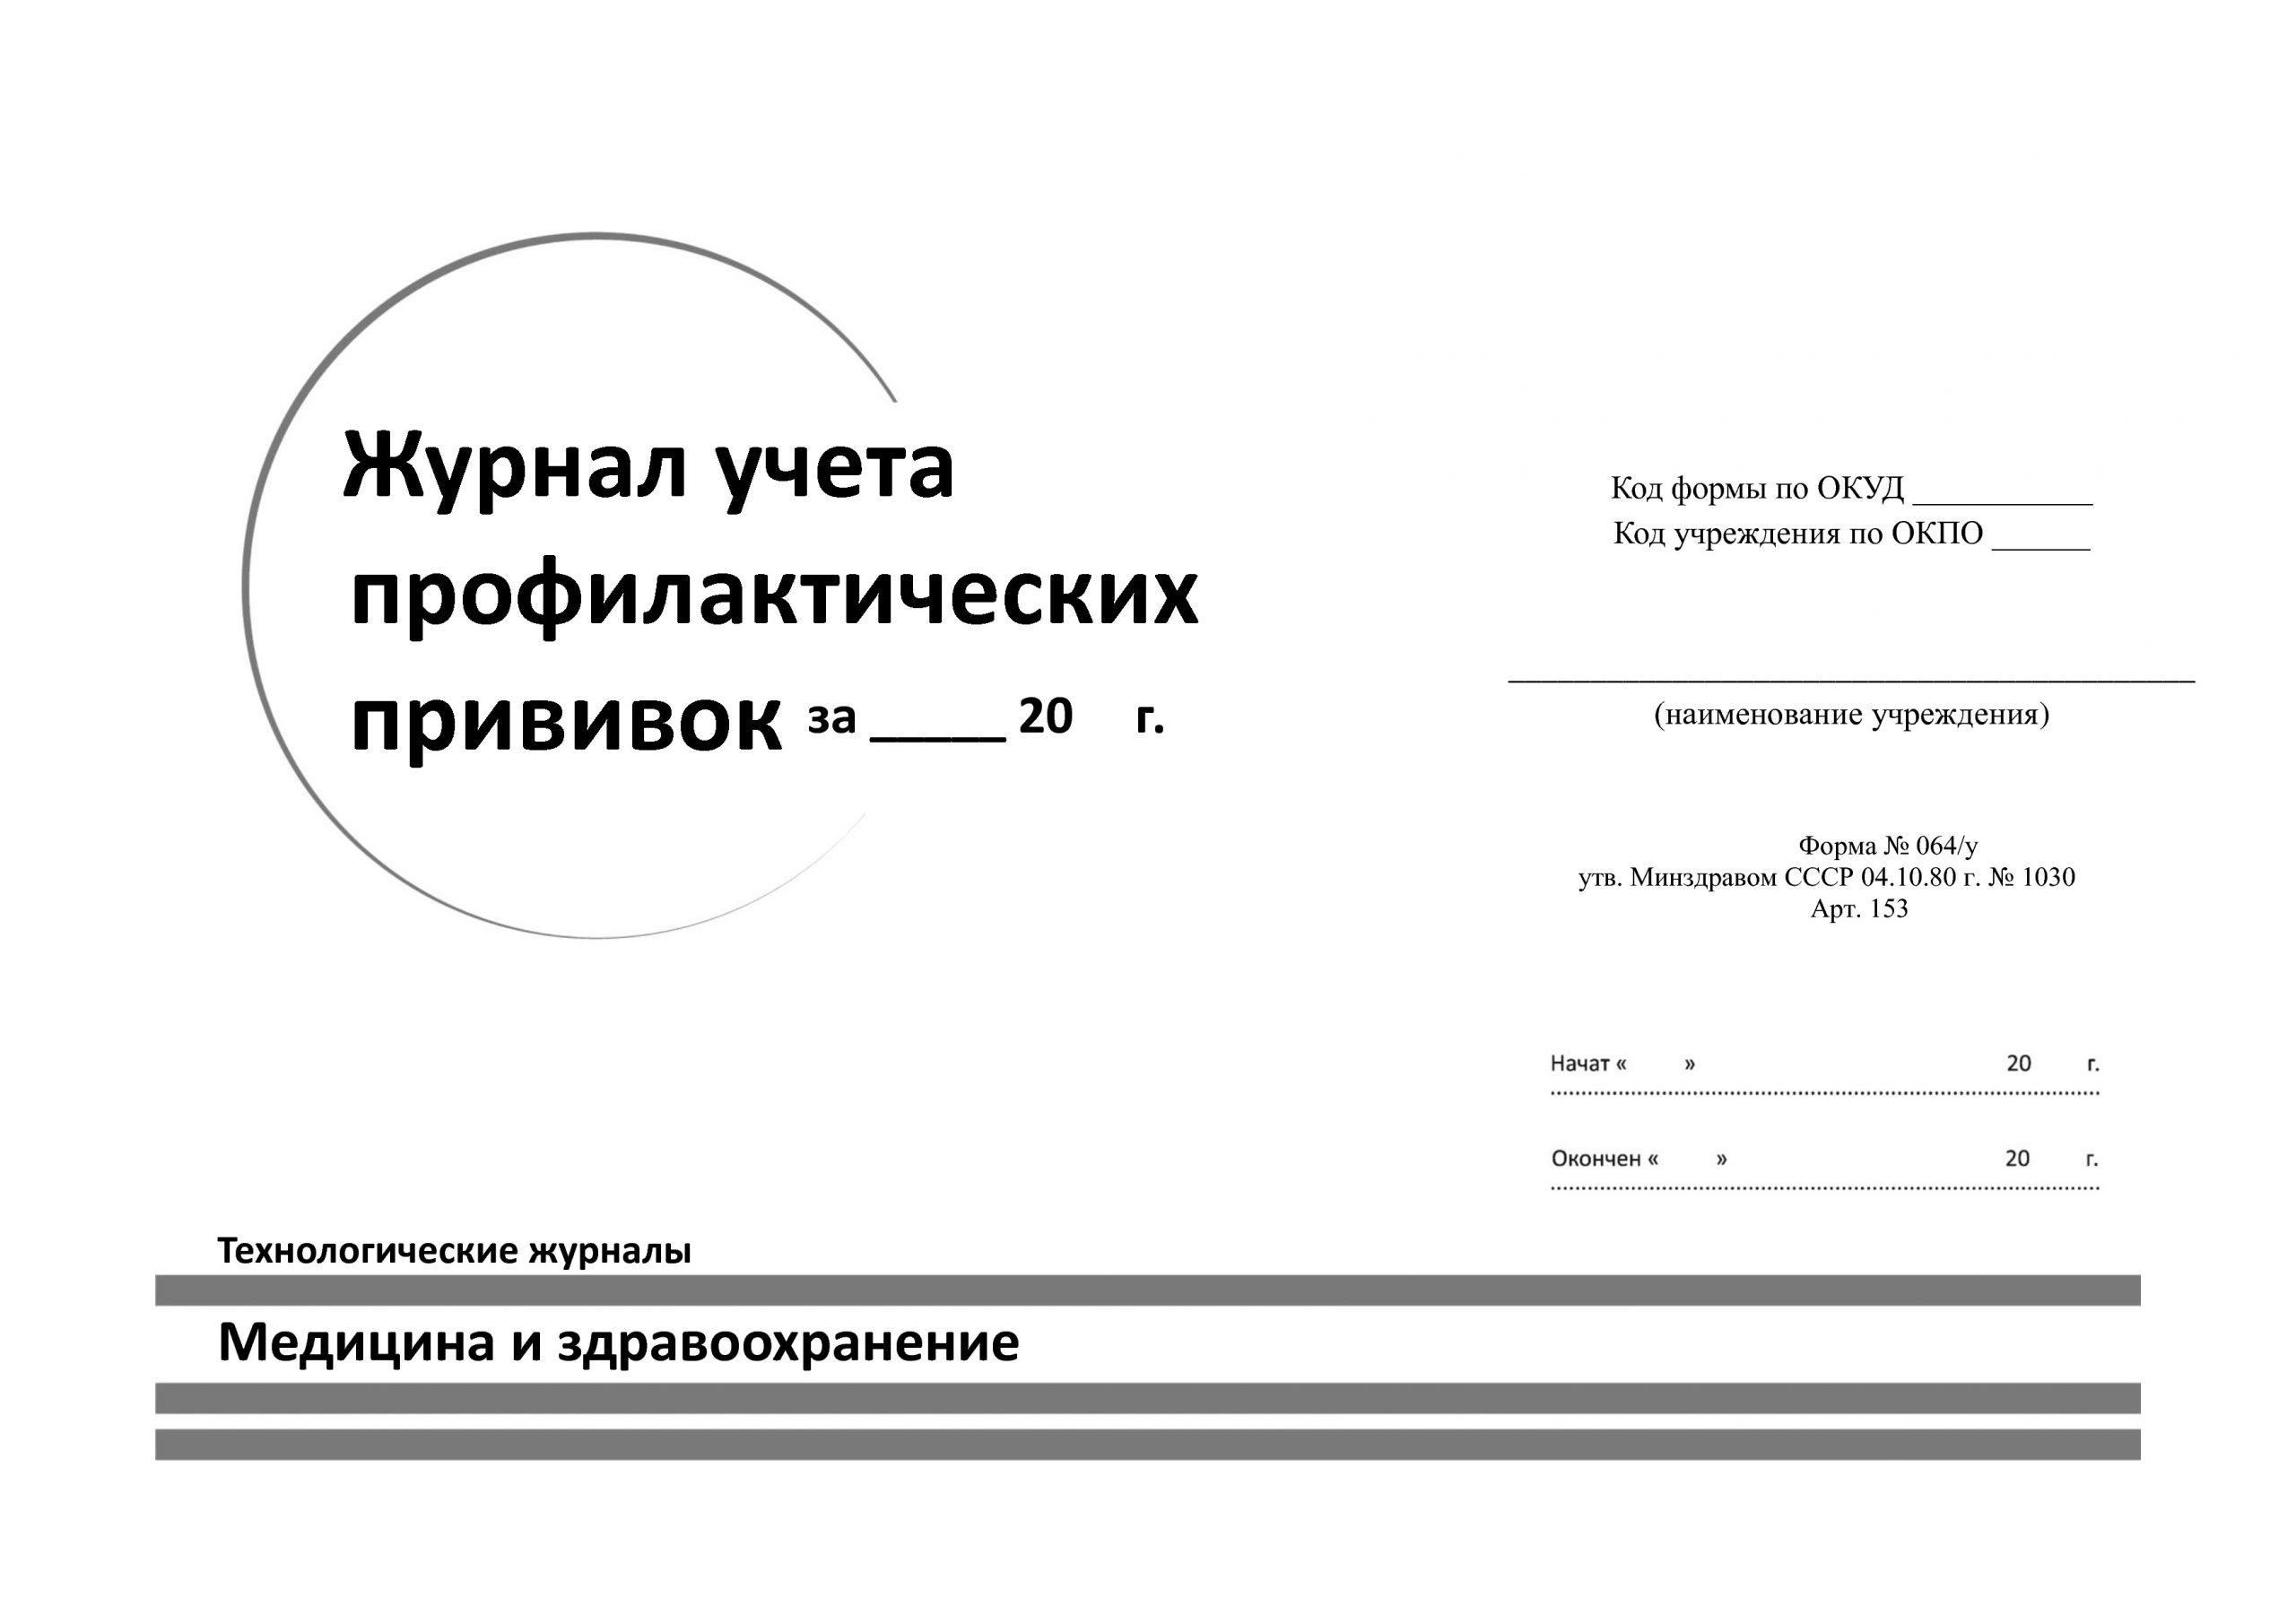 Печать журналов учета в Москве | фото 7